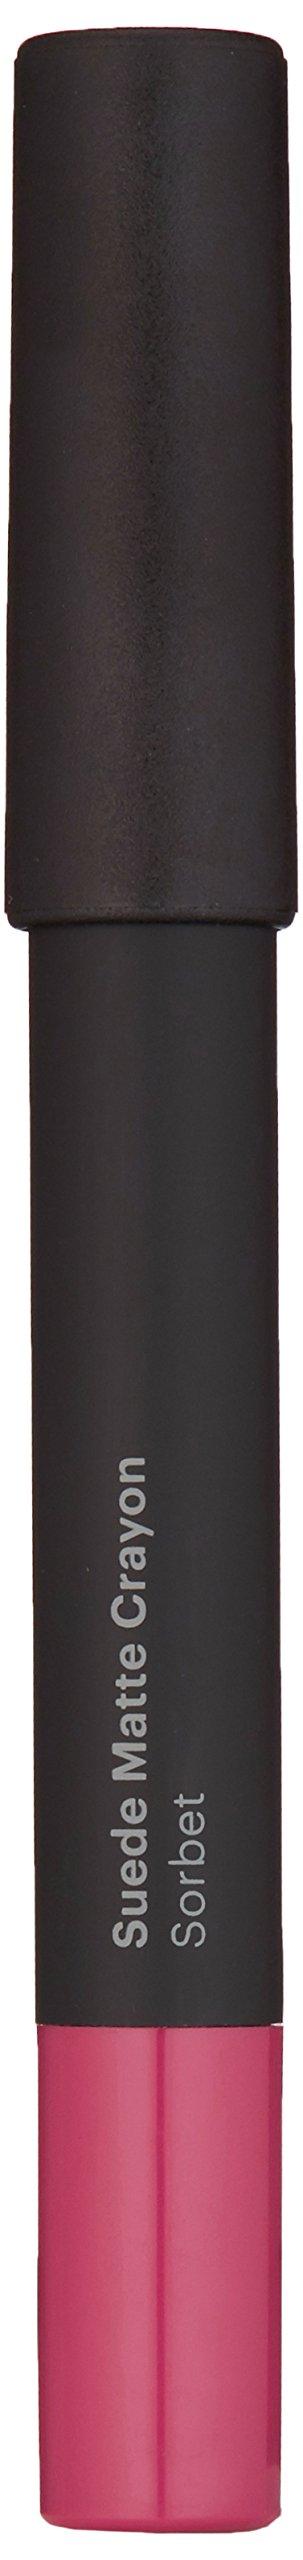 Glo Skin Beauty Suede Matte Crayon - Sorbet - Chunky Longwear Lip Stick Pencil, 7 Shades | Cruelty Free by Glo Skin Beauty (Image #6)